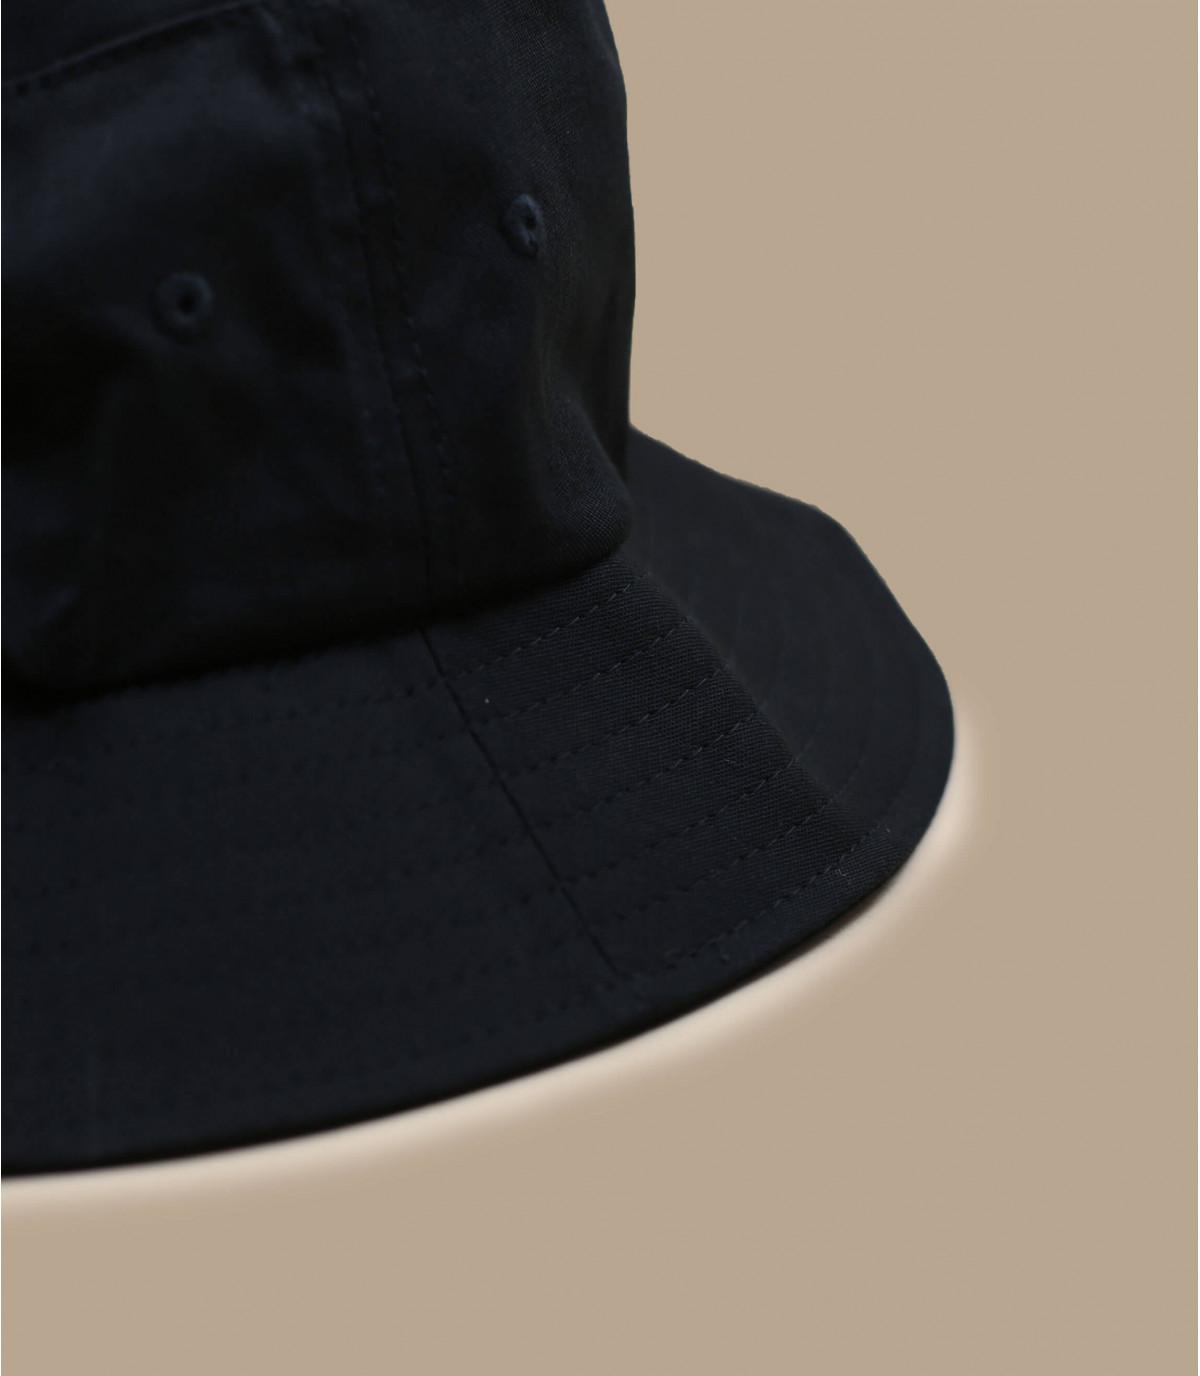 Detalles Bob negro flexfit wm imagen 2